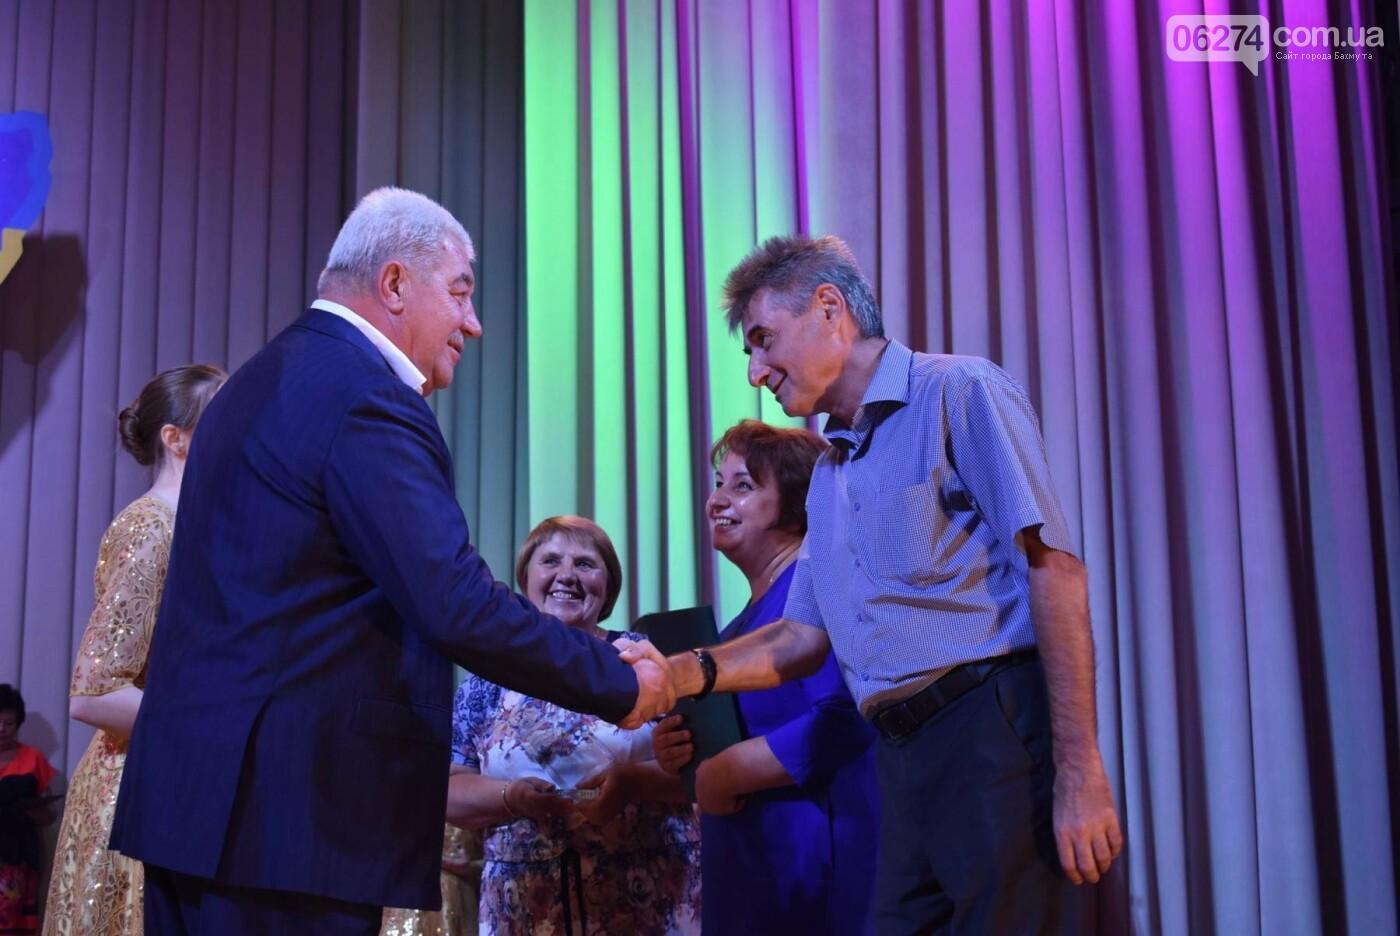 В Бахмуте состоялся торжественный прием городского головы Алексея Ревы, фото-11